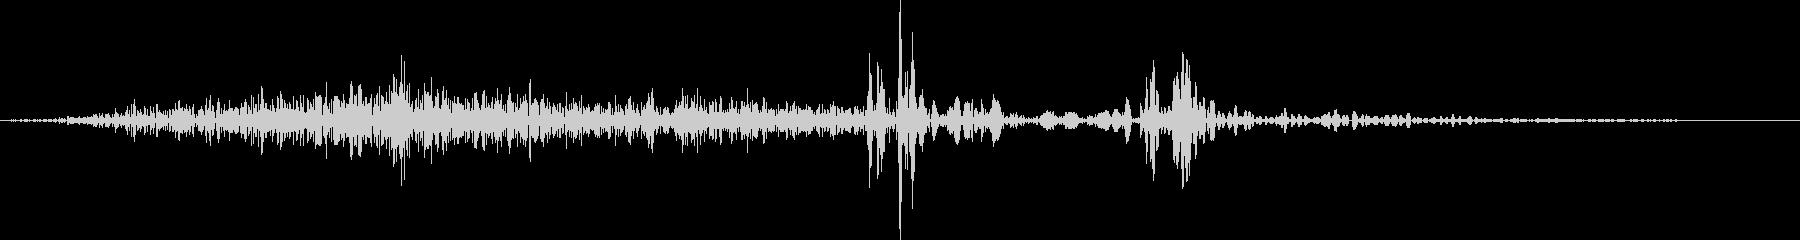 ペラ(カードをめくる音)の未再生の波形